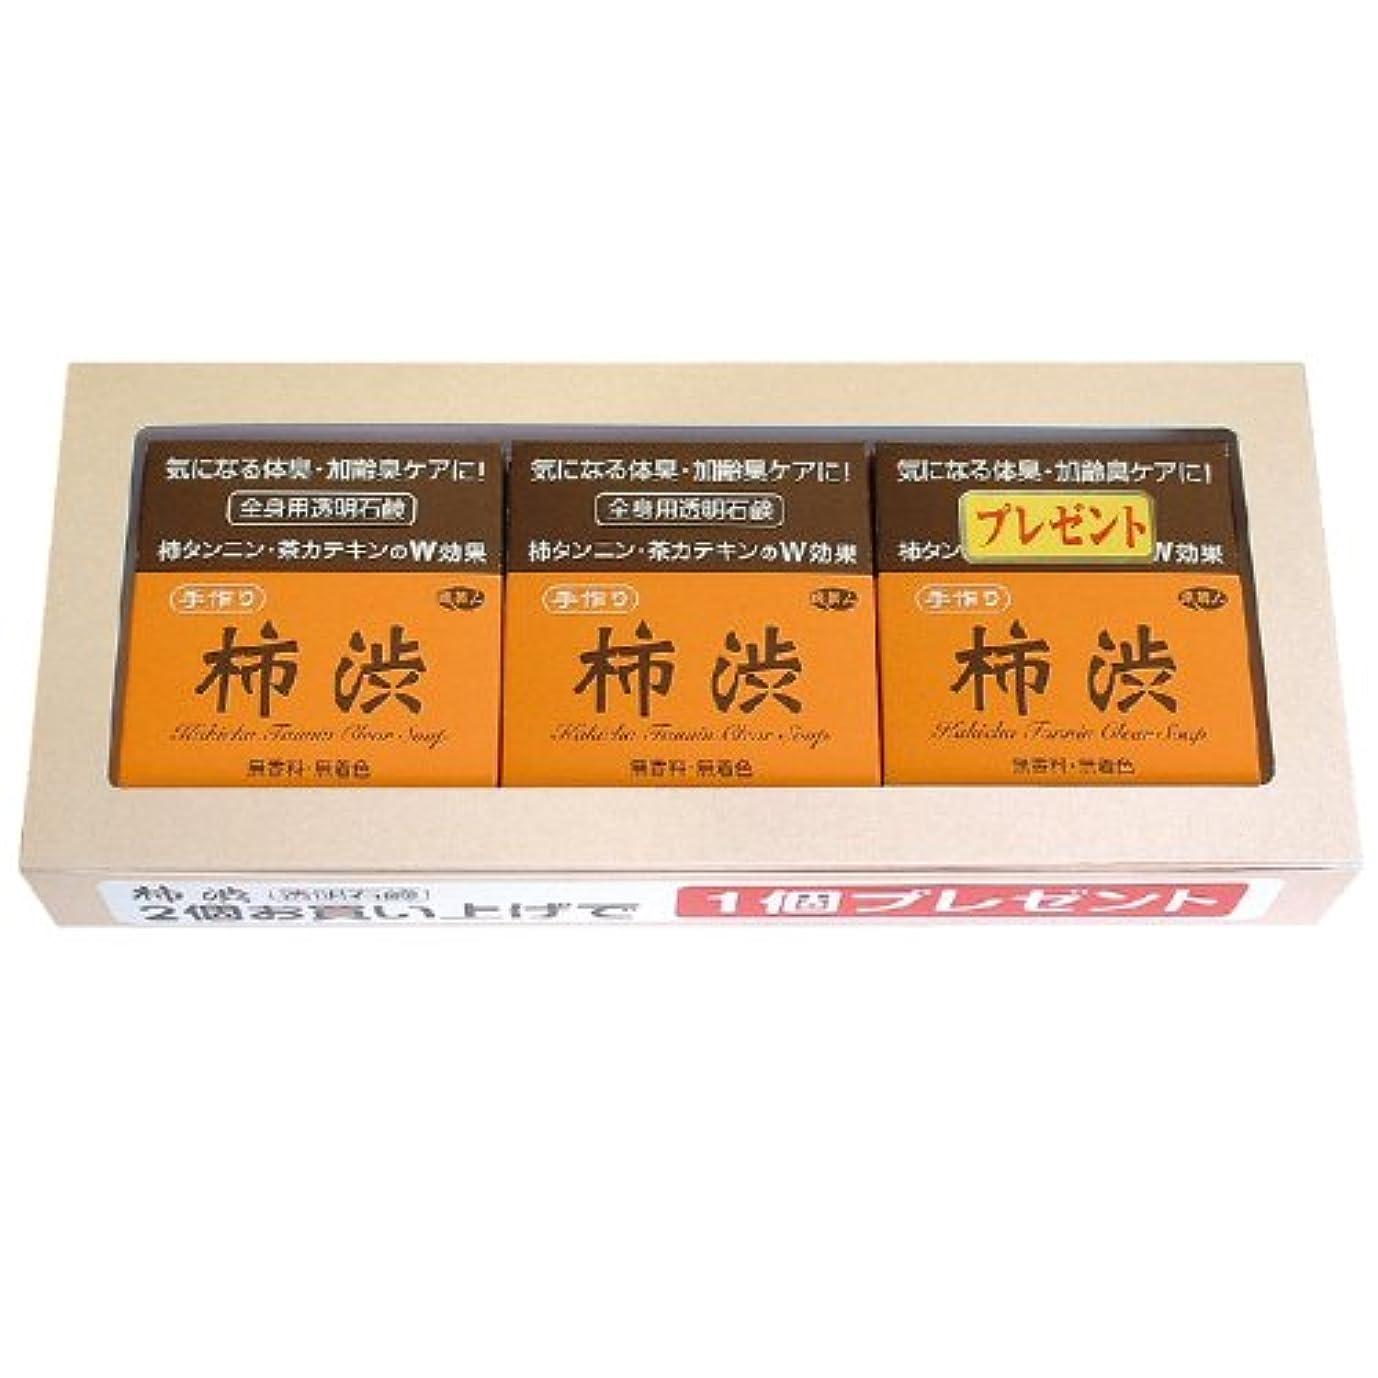 作曲するたらい予防接種アズマ商事の 柿渋透明石鹸 2個の値段で3個入りセット